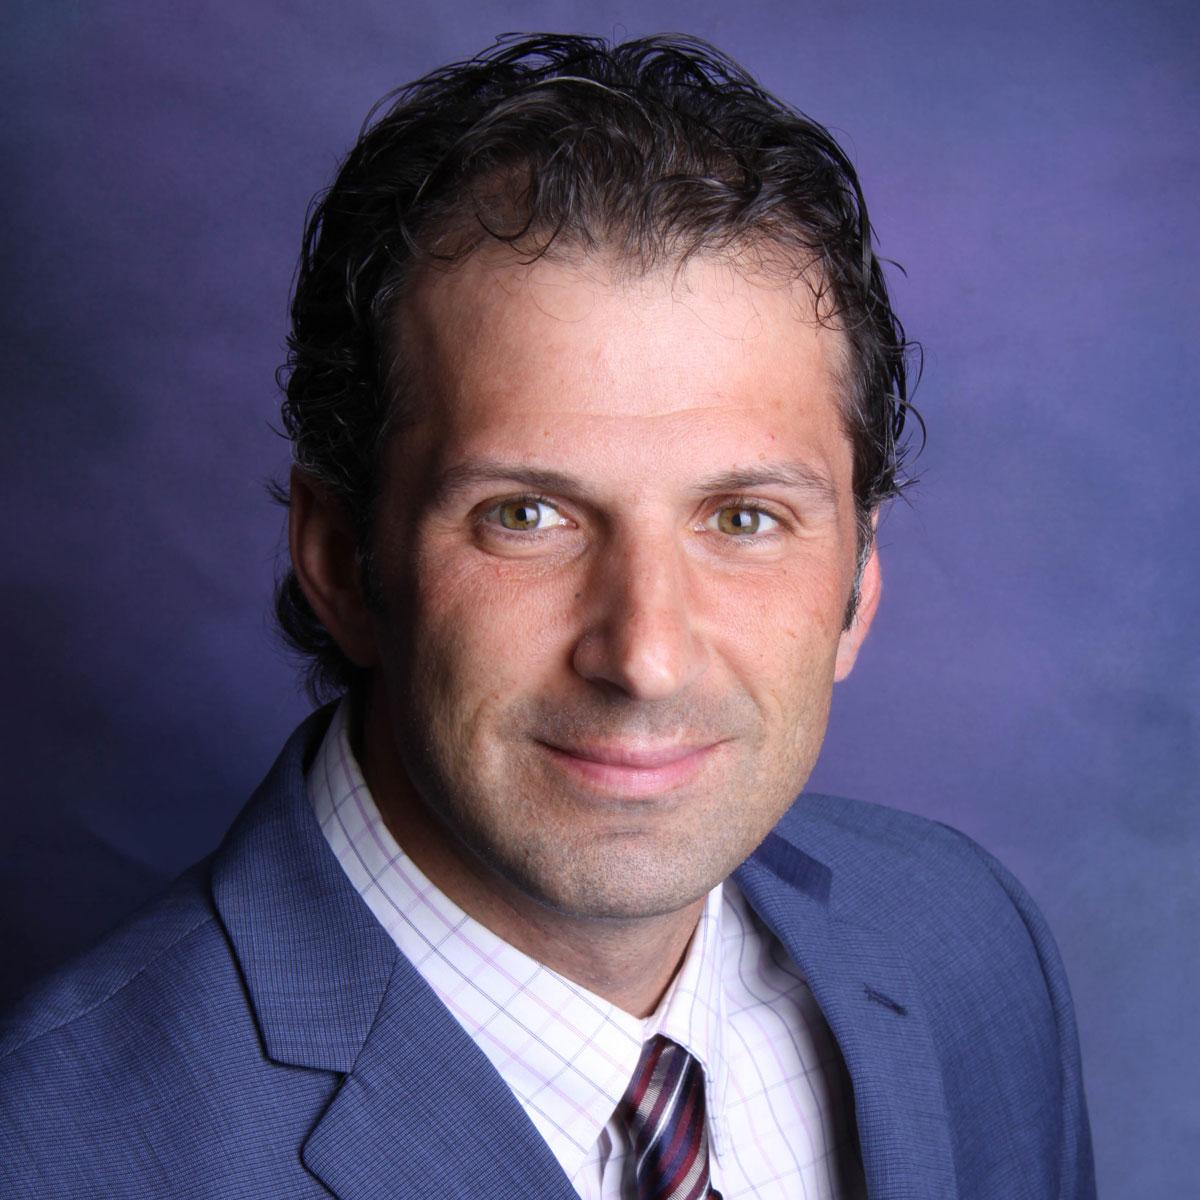 Chris Kubesh